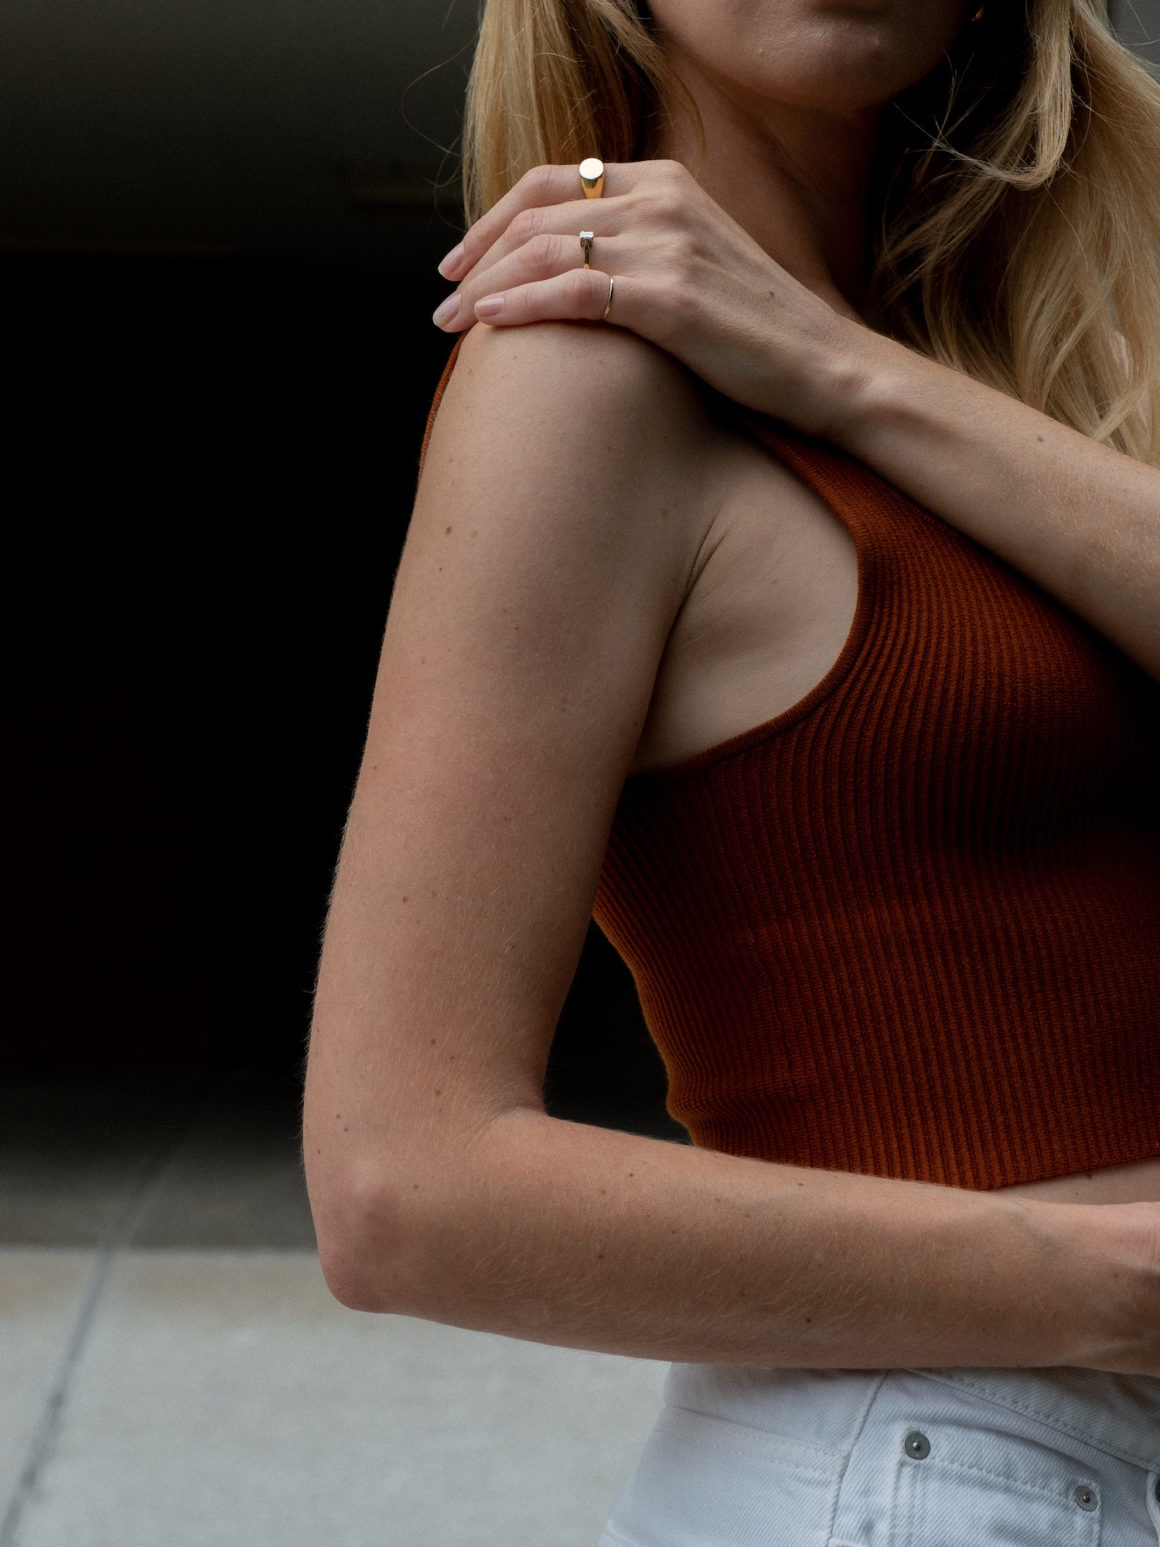 Beautyblog BareMinds pH-Wert der Haut 3